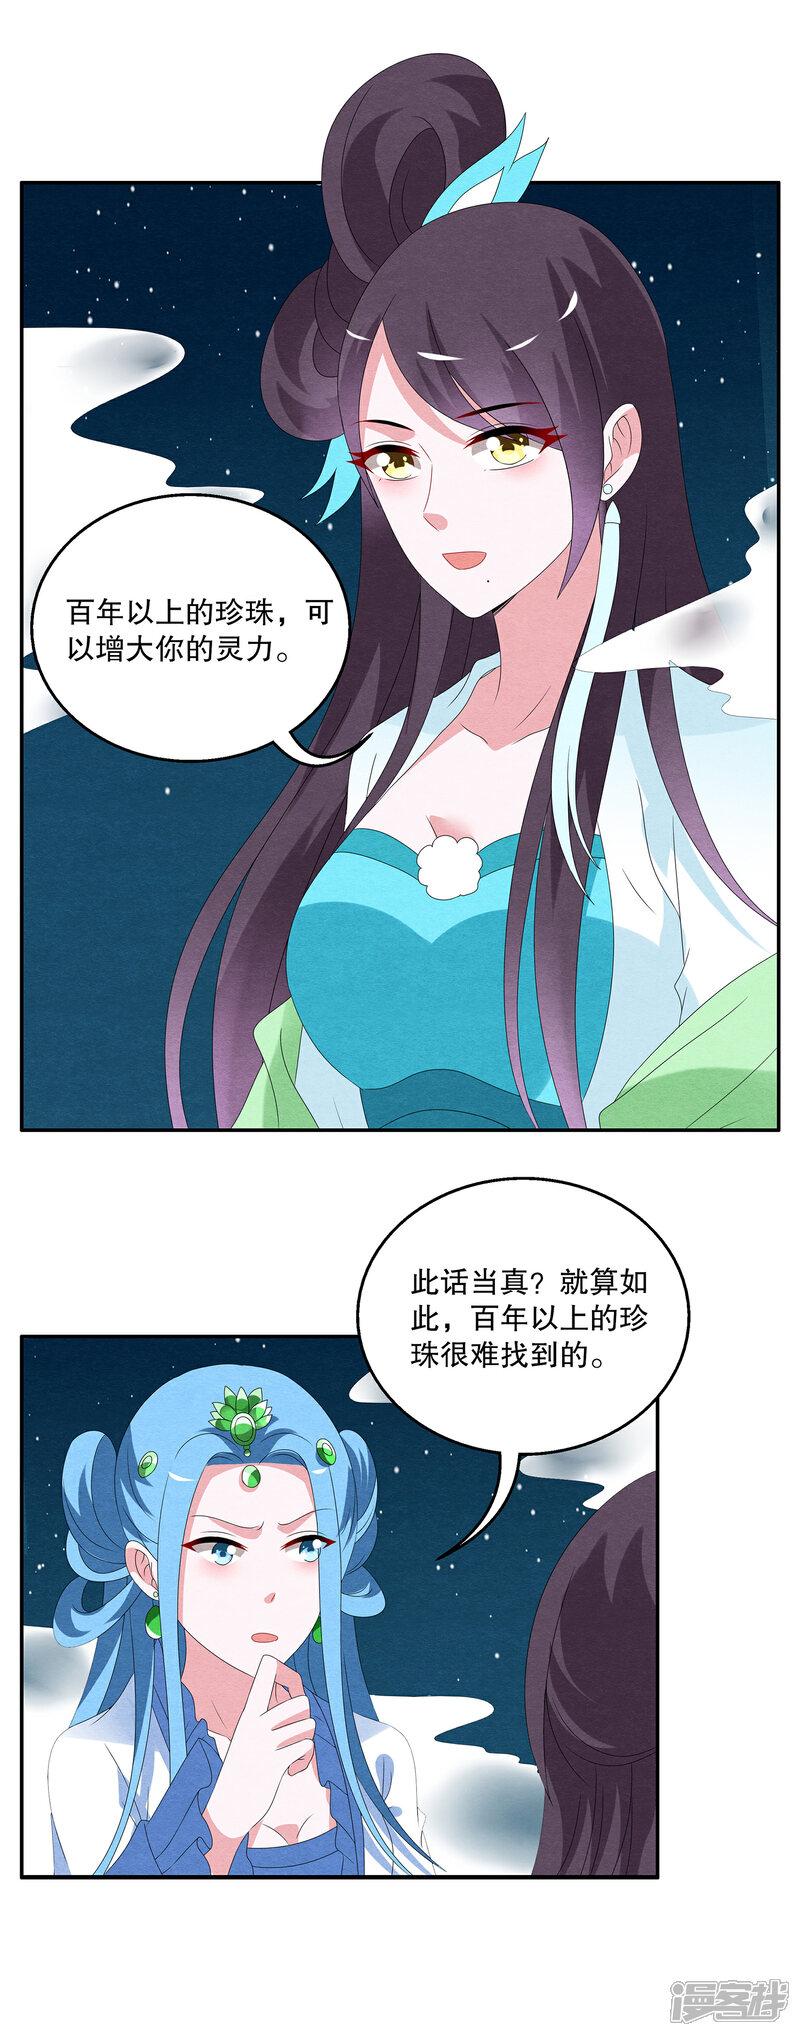 洛小妖85860001-2.JPG